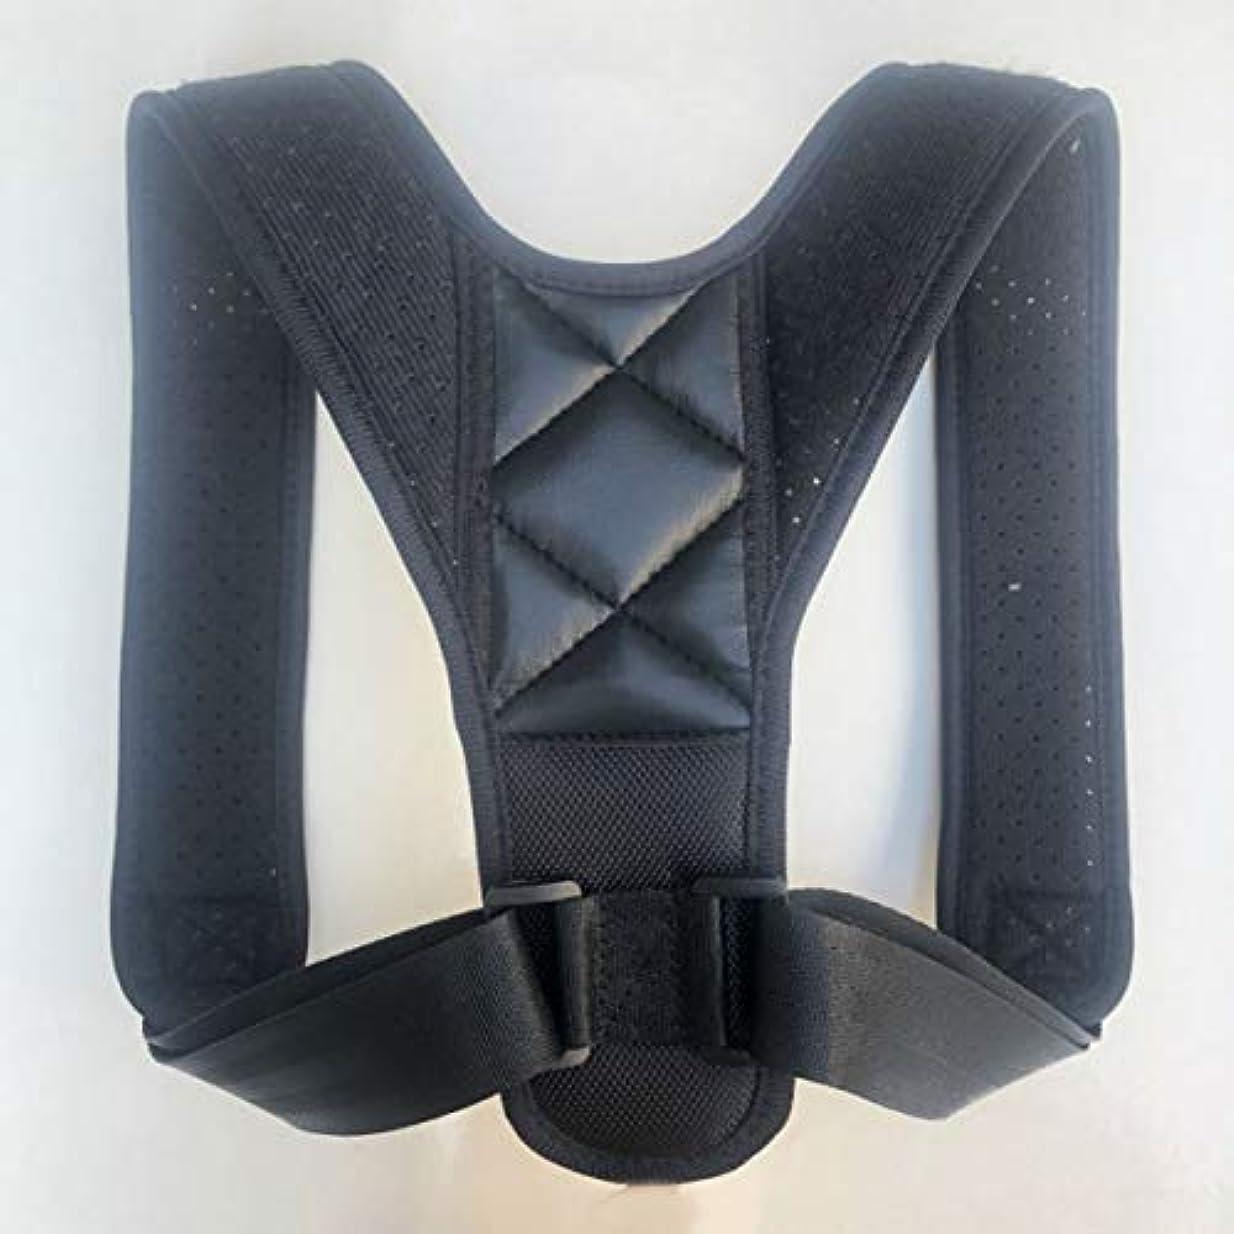 ブラシペスト忘れるアッパーバックポスチャーコレクター姿勢鎖骨サポートコレクターバックストレートショルダーブレースストラップコレクター - ブラック